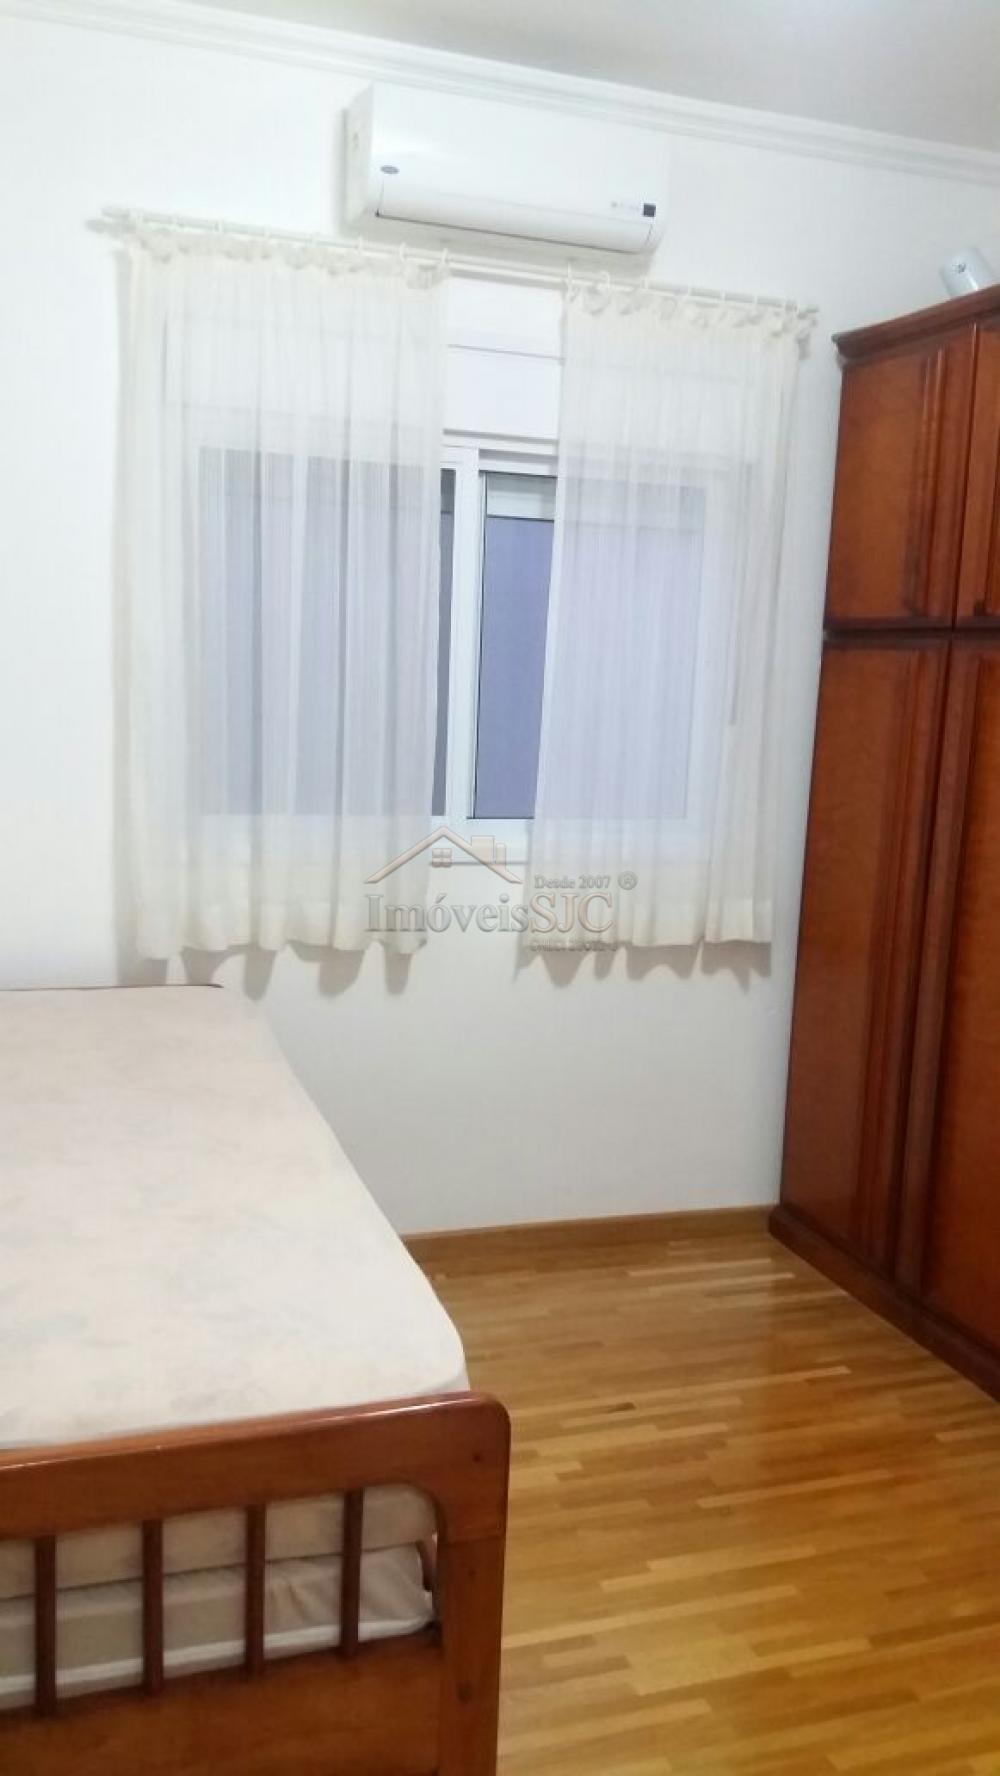 Comprar Casas / Condomínio em Caçapava apenas R$ 530.000,00 - Foto 10